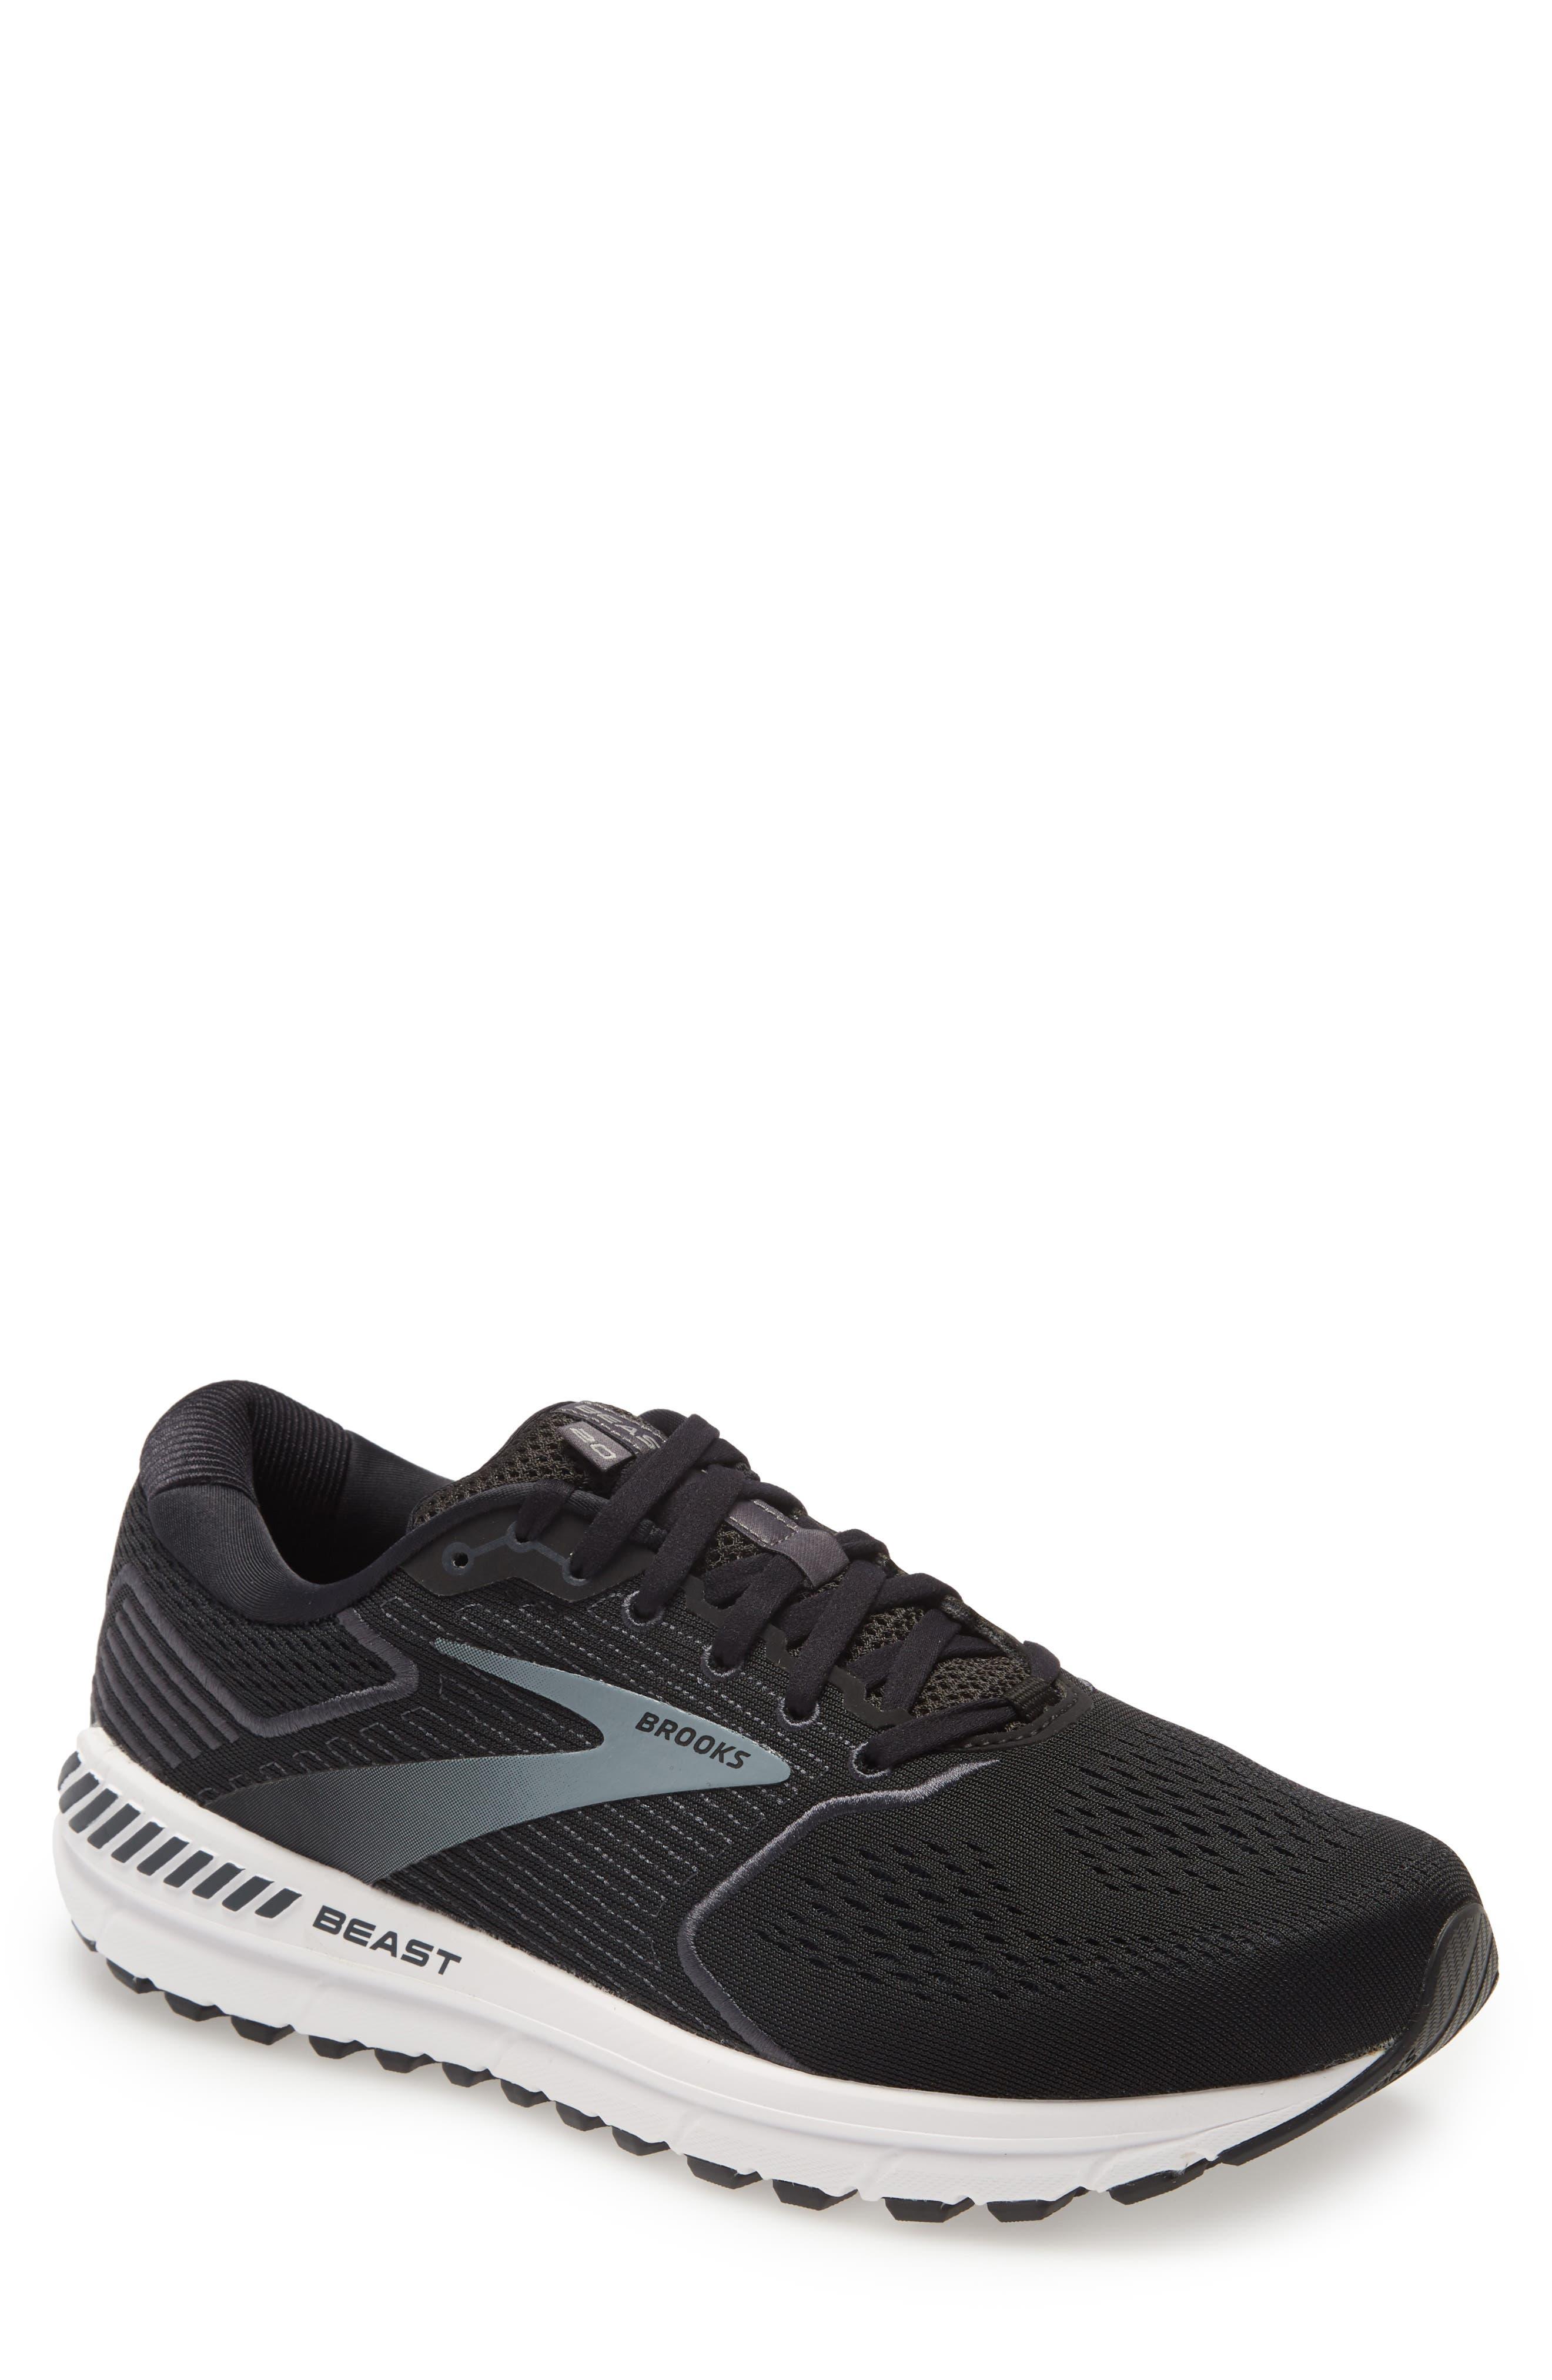 Beast 20 Running Shoe